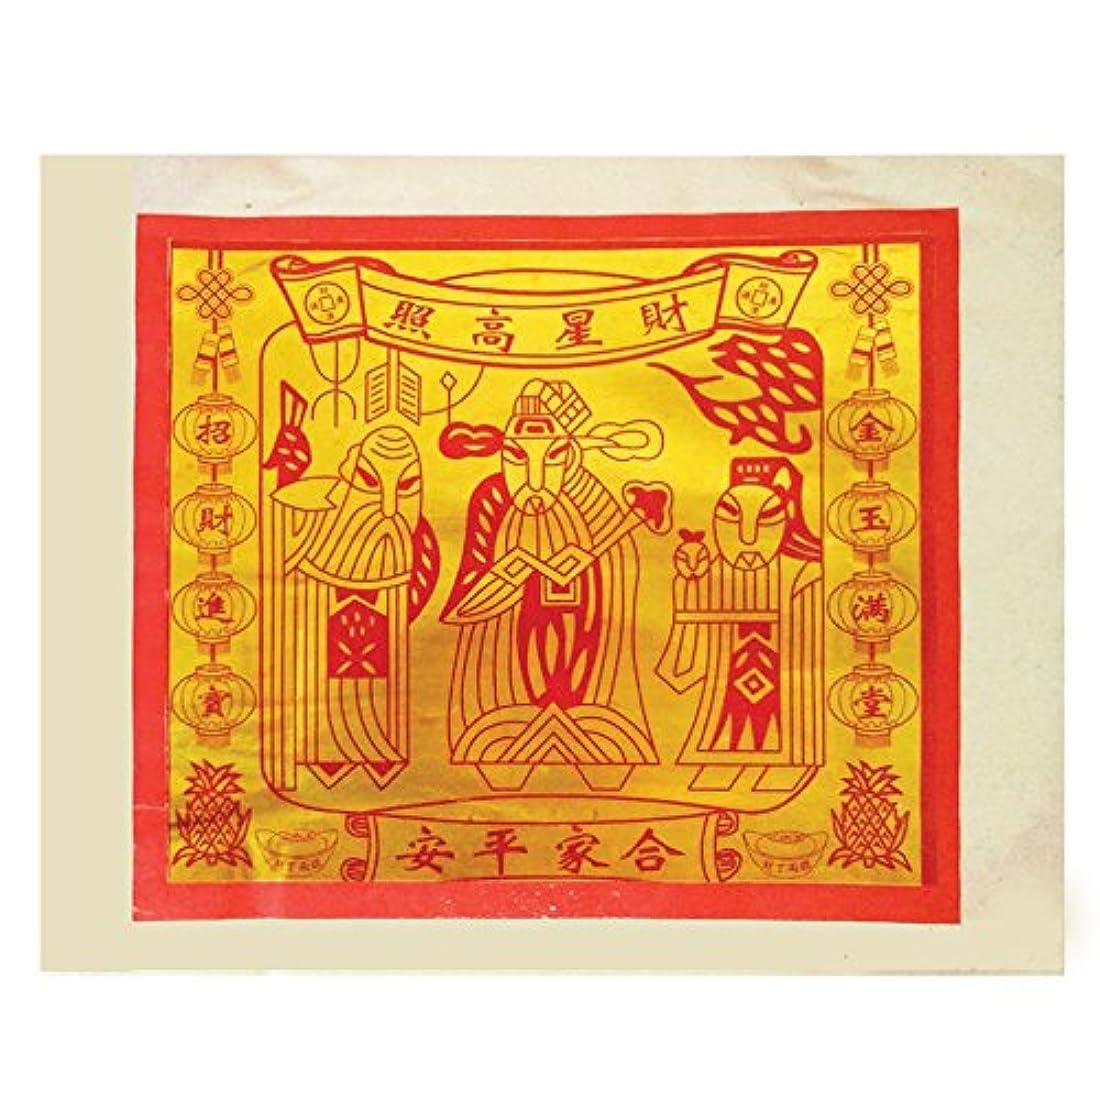 捧げるクロニクル作者100個Incense用紙/ Joss用紙with High Gradeゴールド箔サイズL15.75インチx 13.25インチ